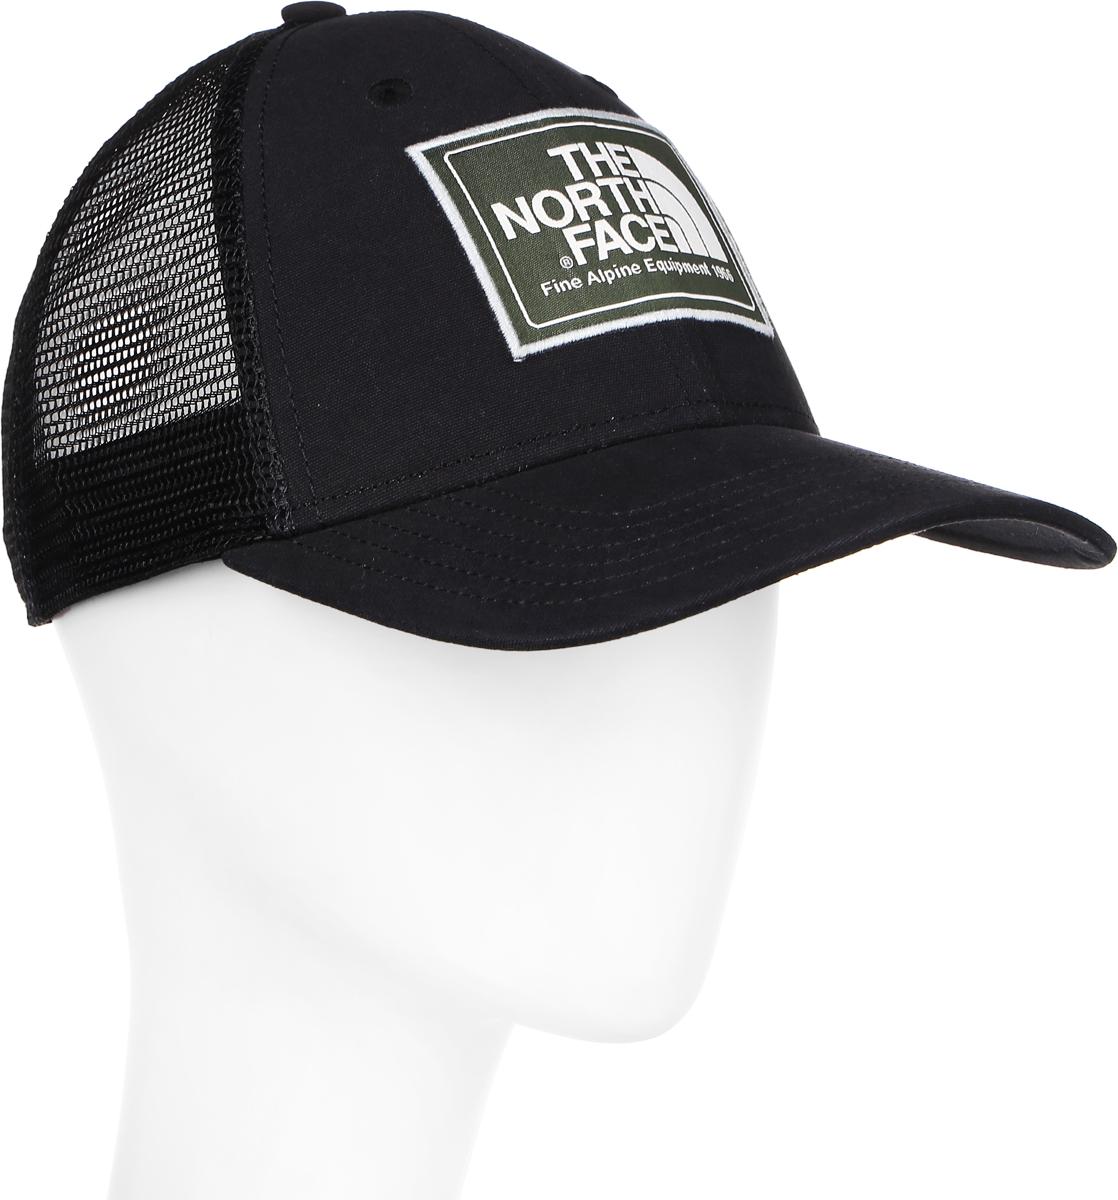 Бейсболка The North Face Mudder Trucker Hat, цвет: черный. T0CGW2SEY. Размер универсальныйT0CGW2SEYСтильная бейсболка The North Face Mudder Trucker Hat, выполненная из натурального хлопка, идеально подойдет для прогулок, занятия спортом и отдыха. Она надежно защитит вас от солнца и ветра. Классическая кепка с сетчатой задней частью станет правильным выбором. Изделие оформлено нашивкой с логотипом бренда. Объем бейсболки регулируется пластиковым фиксатором.Ничто не говорит о настоящем любителе путешествий больше, чем любимая кепка - такая как эта классическая кепка Mudder Trucker Hat, выполненная в состаренном винтажном стиле. Эта модель станет отличным аксессуаром и дополнит ваш повседневный образ.